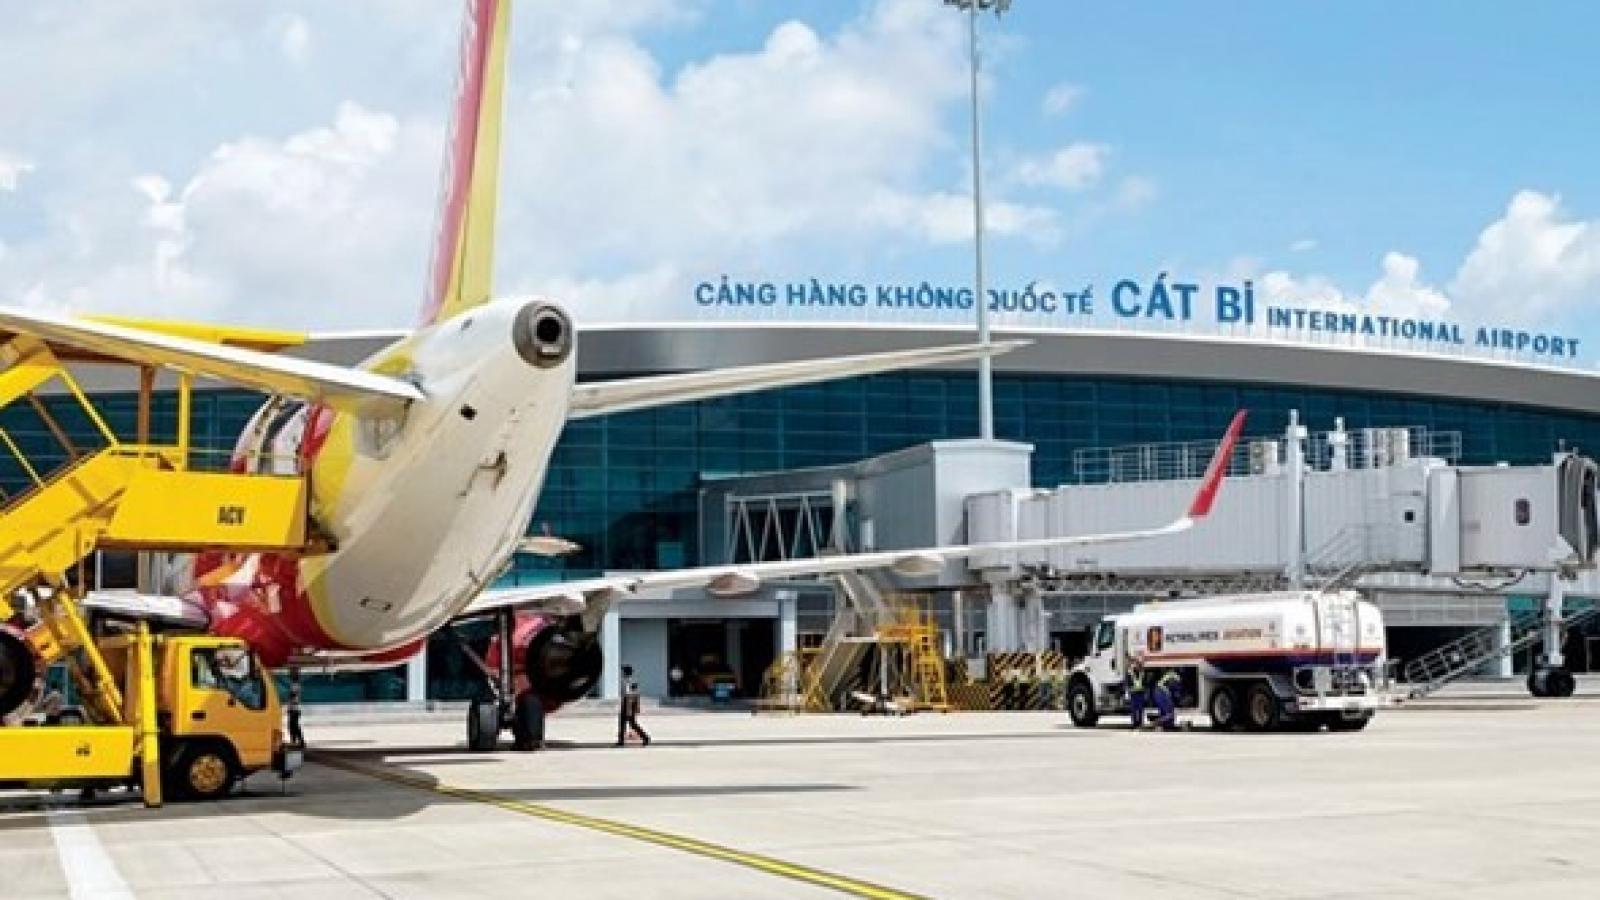 Hải Phòng khẩn cấp xin tạm dừng đường bay Cát Biđi, đến TPHCM